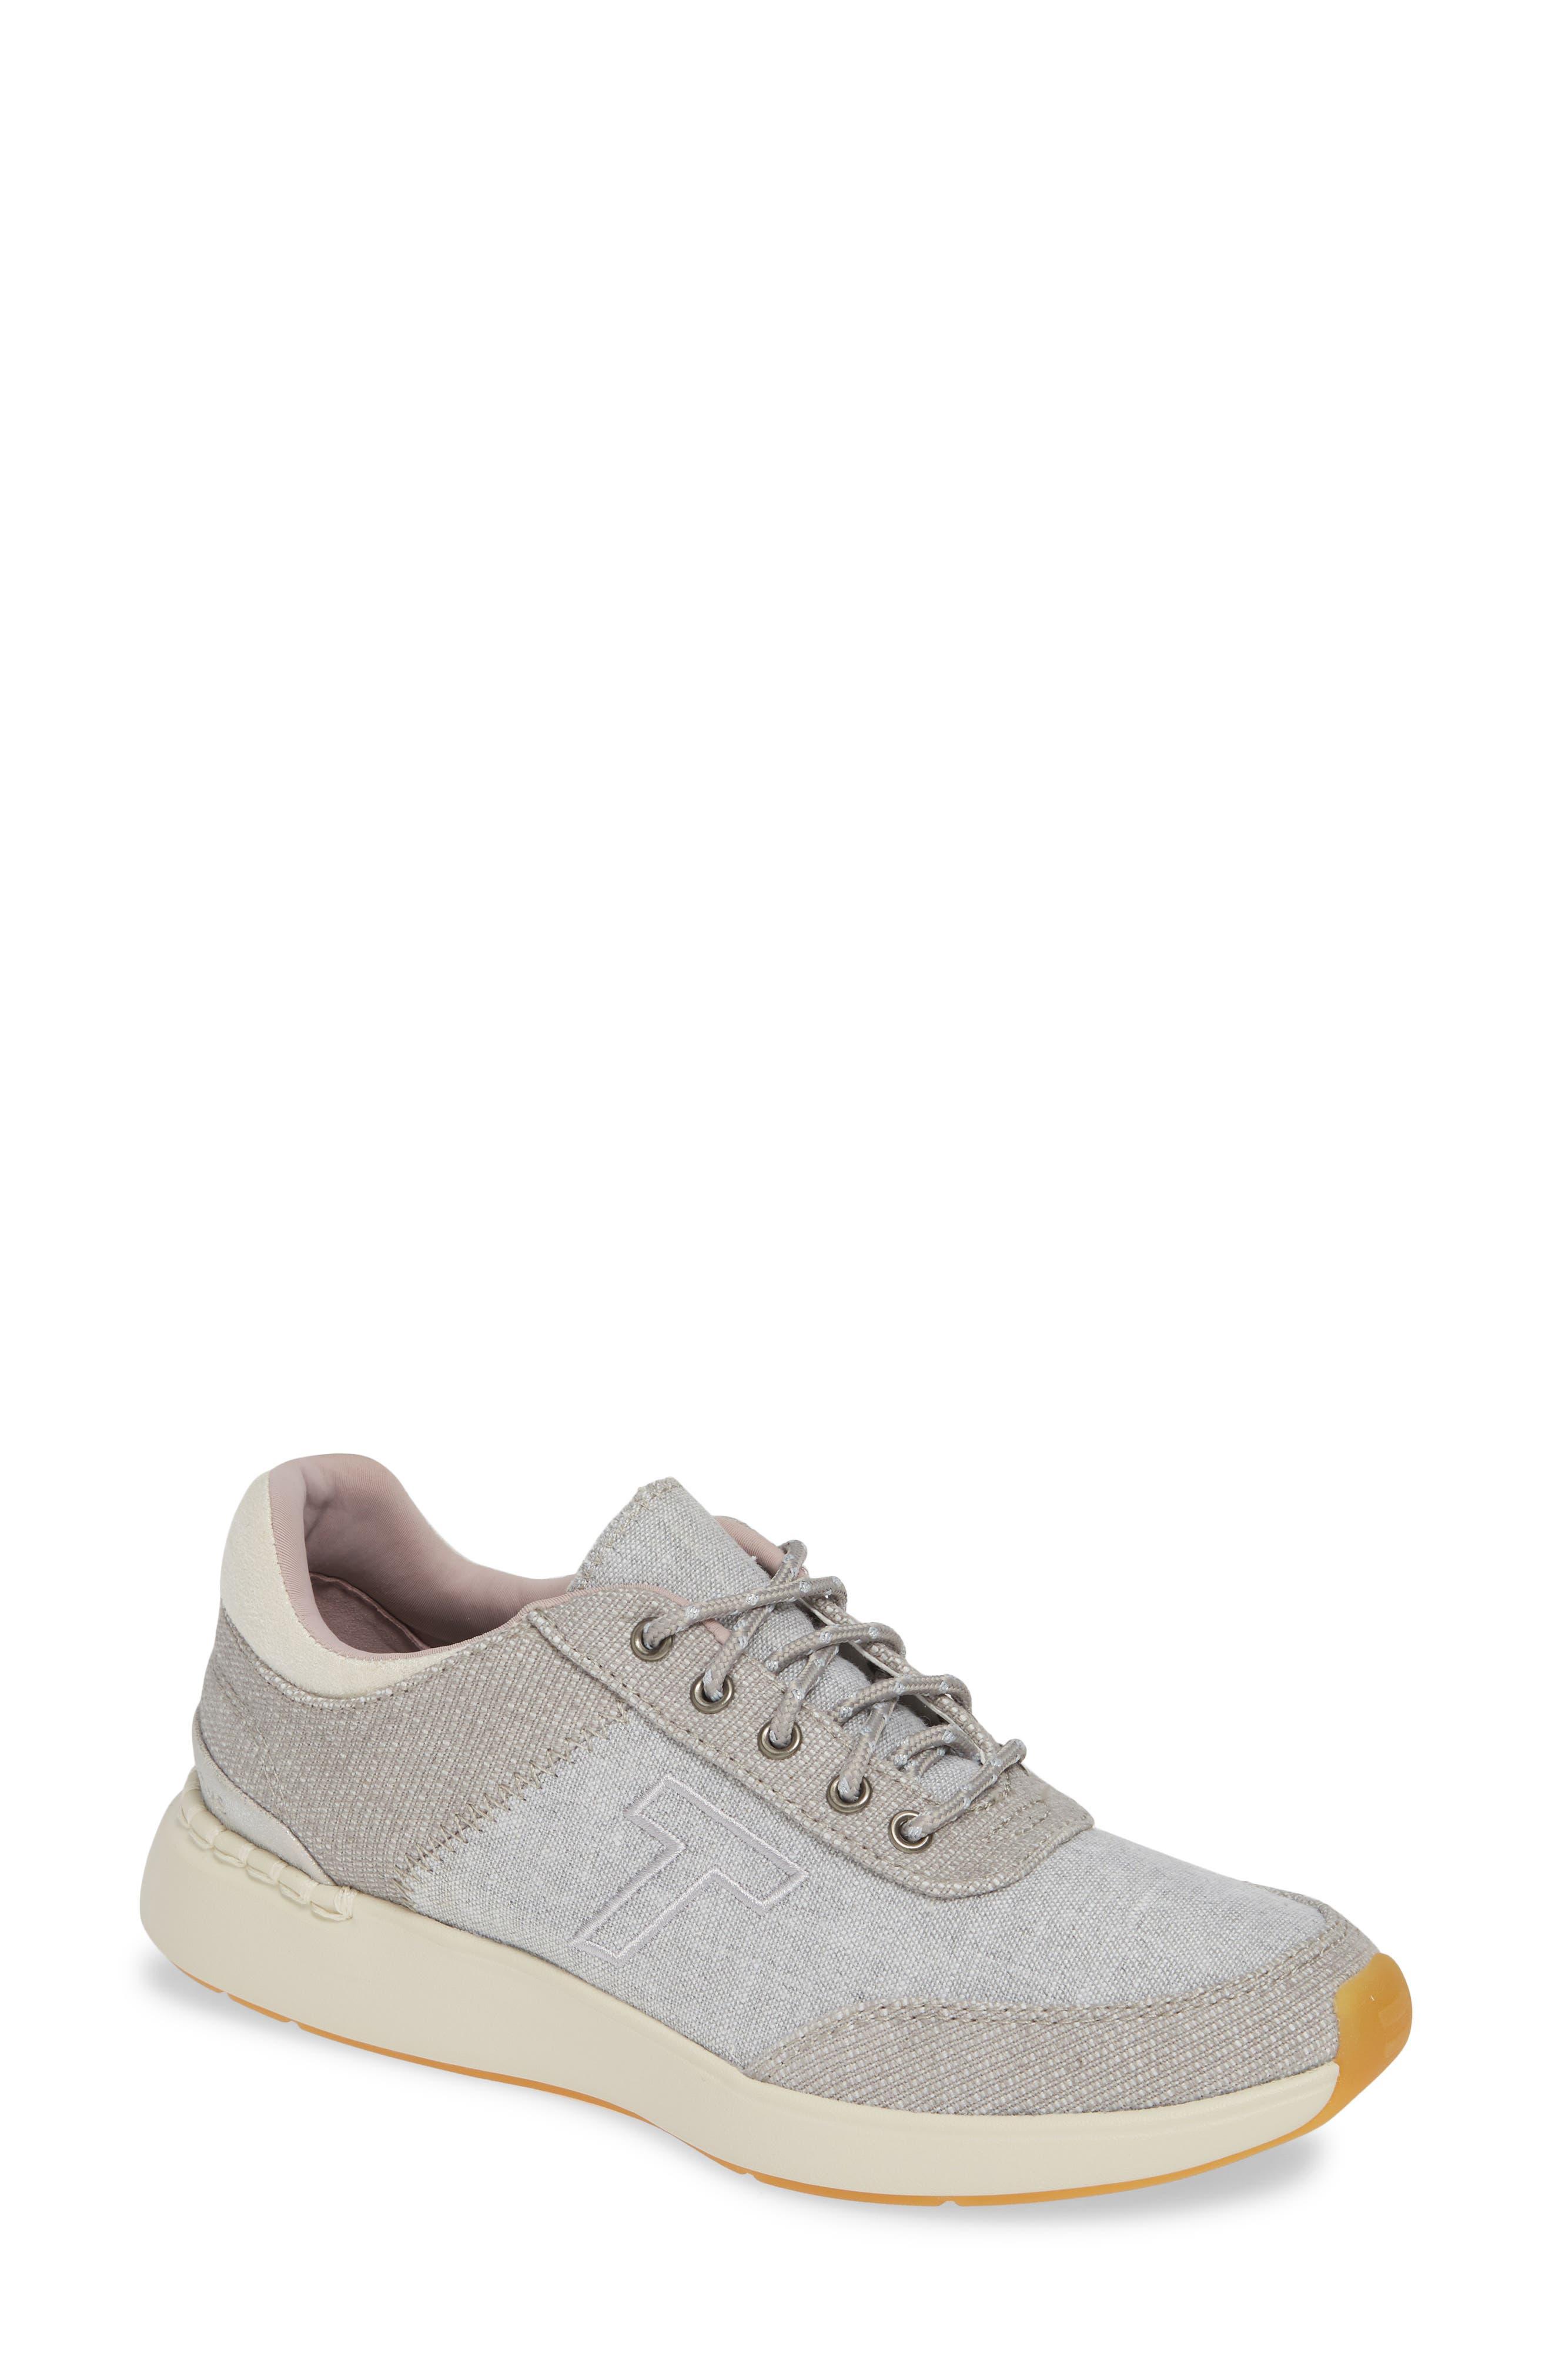 Toms Arroyo Sneaker, Grey